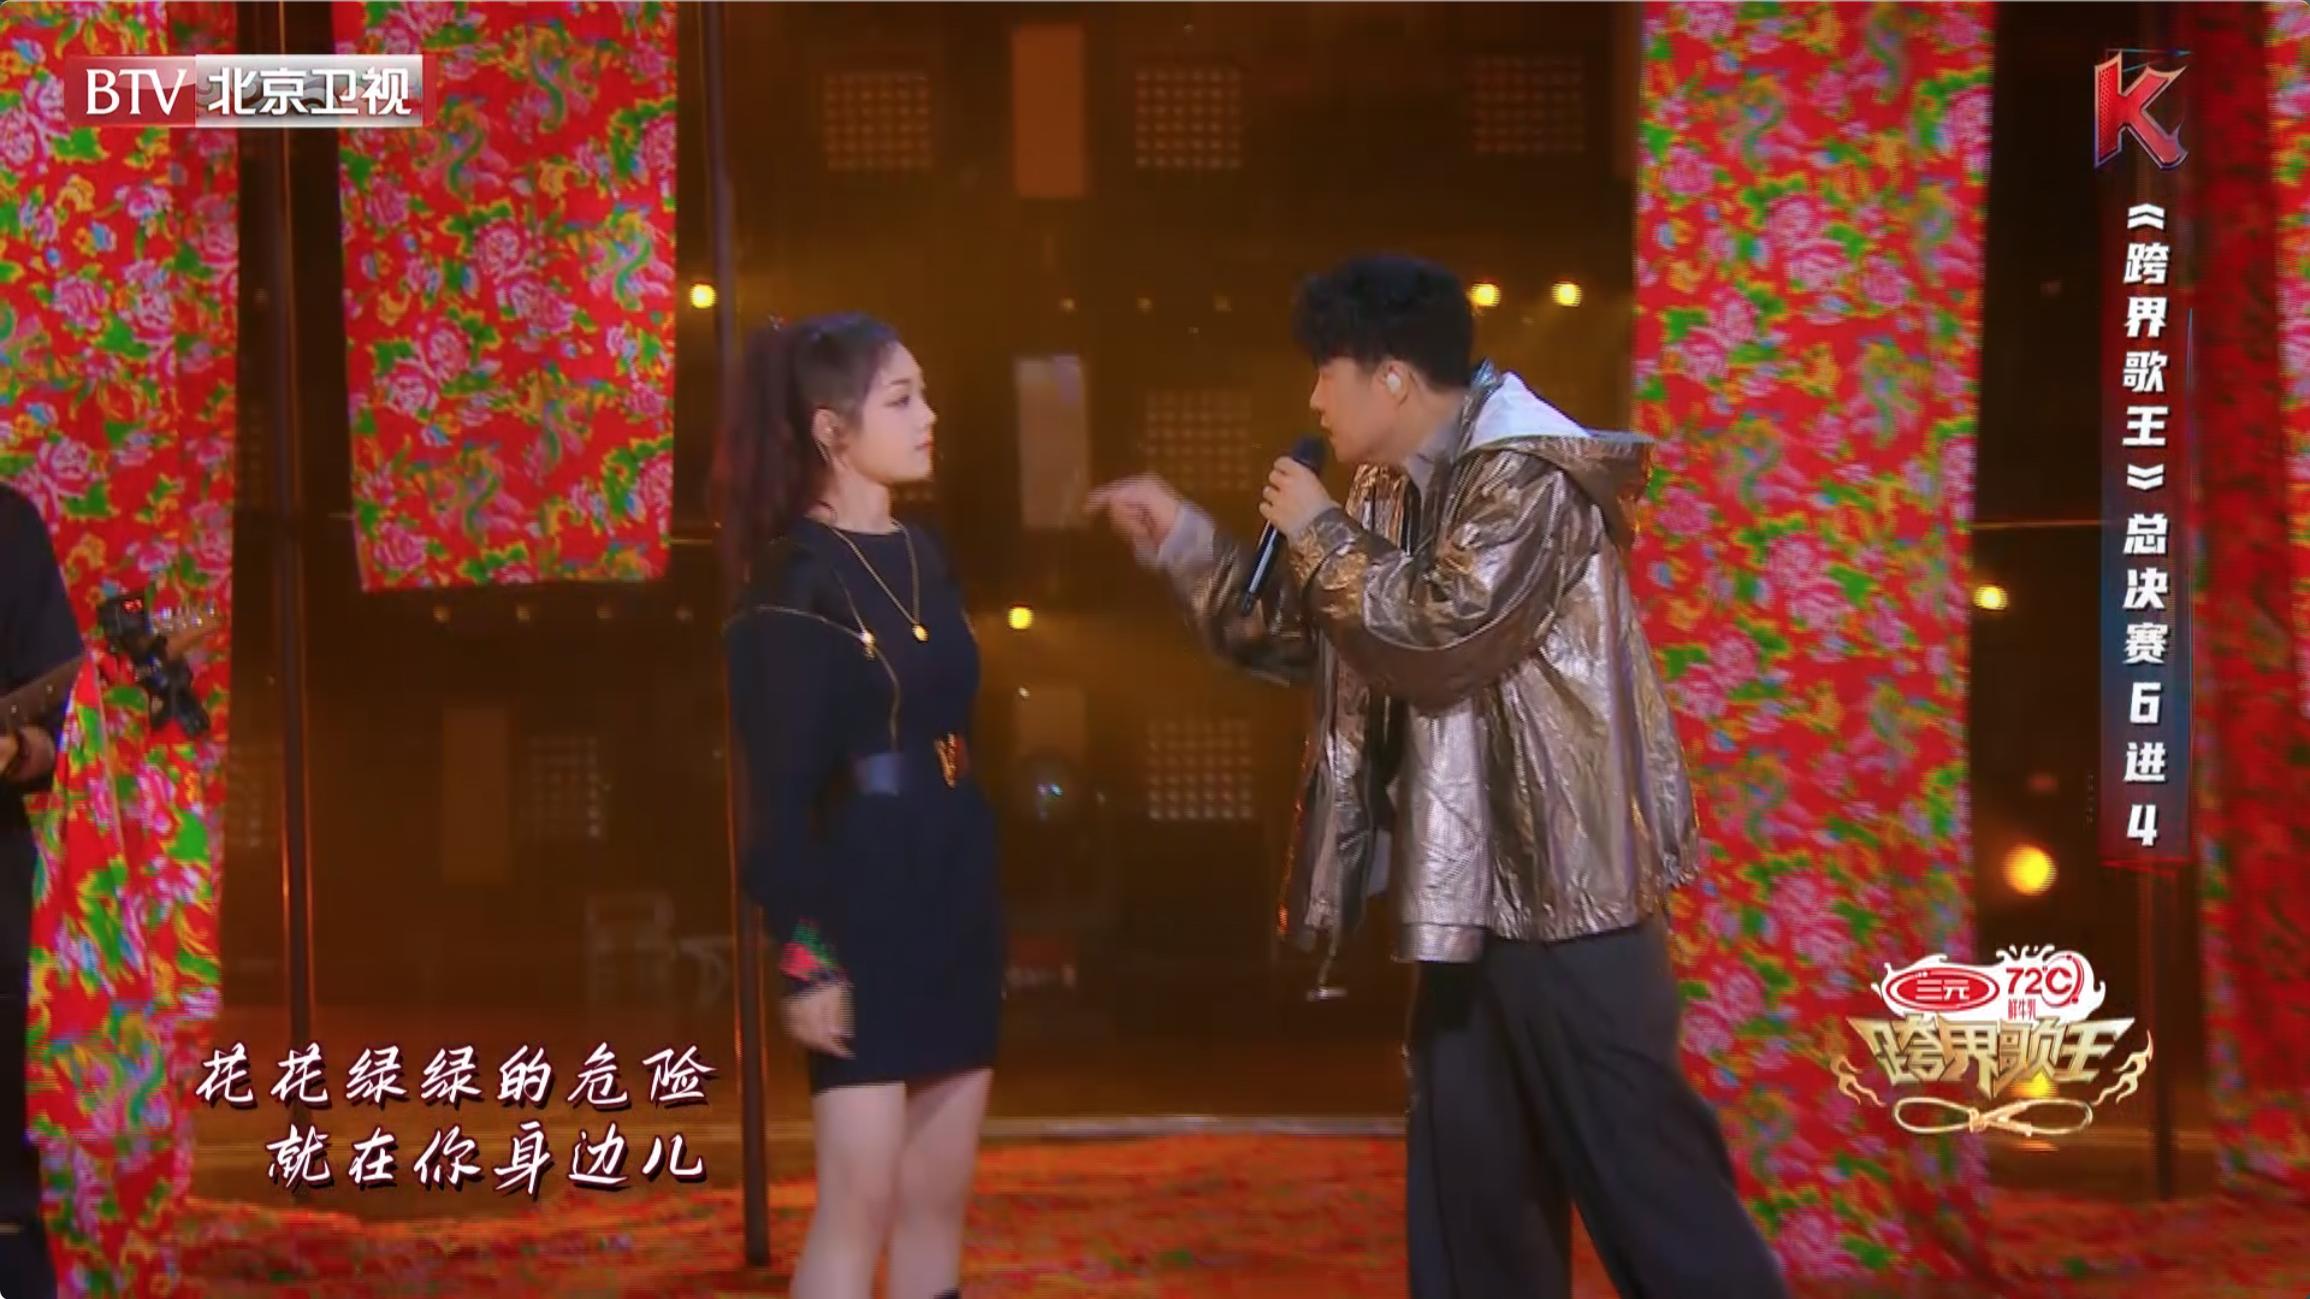 希林娜依高帮唱小沈阳 两人带来颠覆性极强的歌曲串烧《命运+采花》